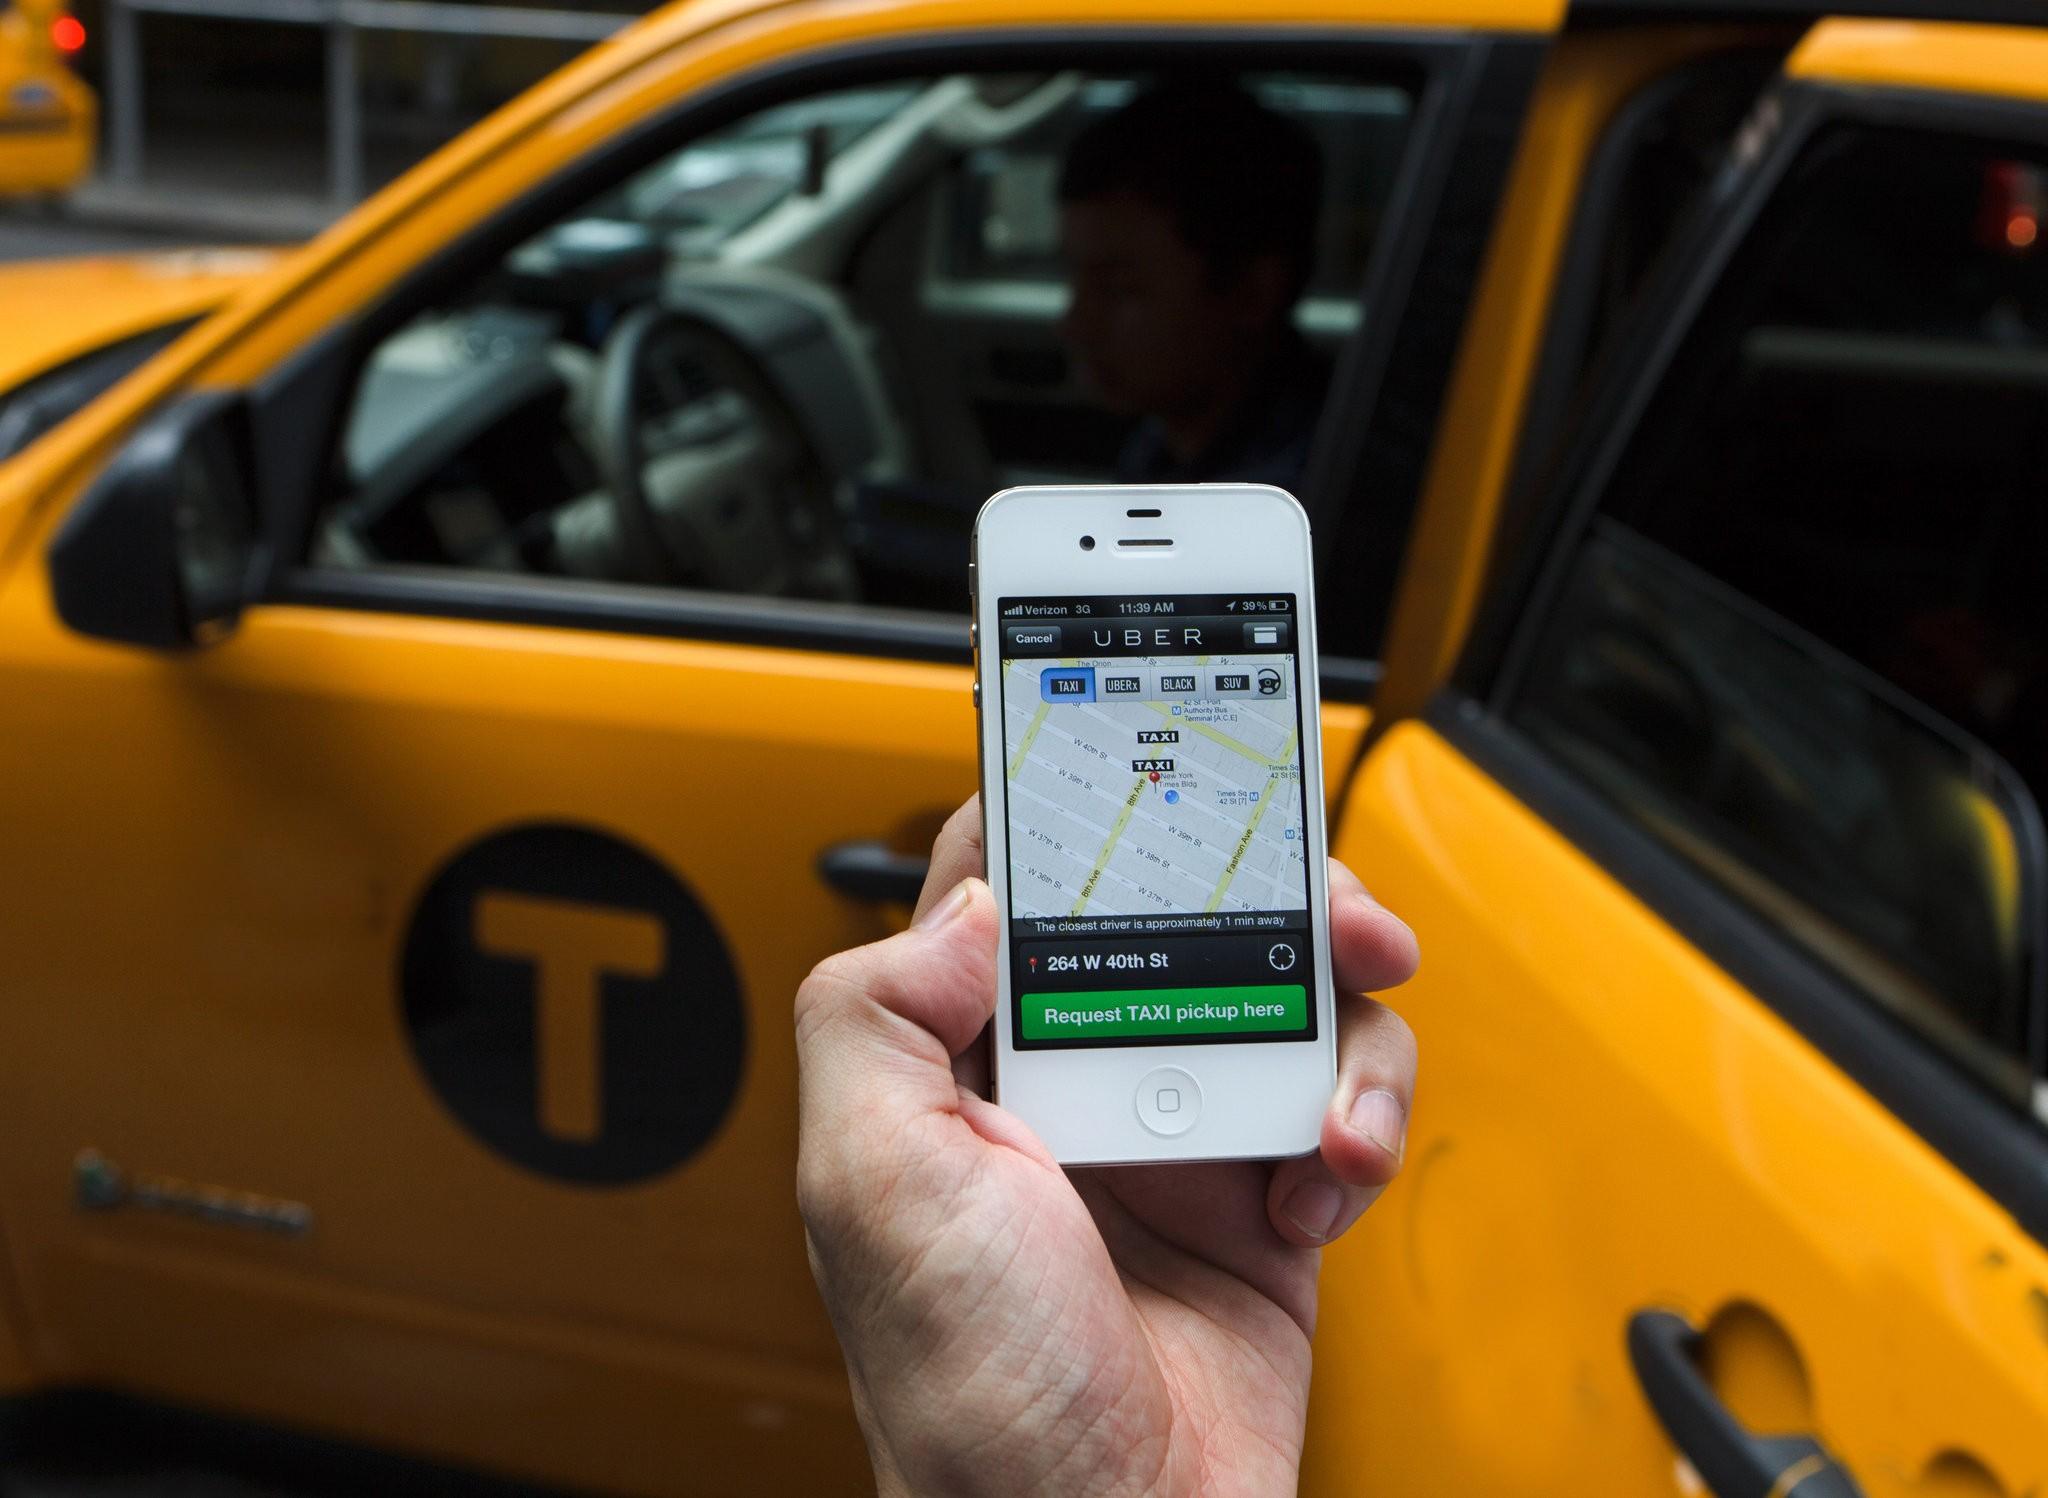 قرارداد رانندگان تاکسی اینترنتی، کارگری میشود